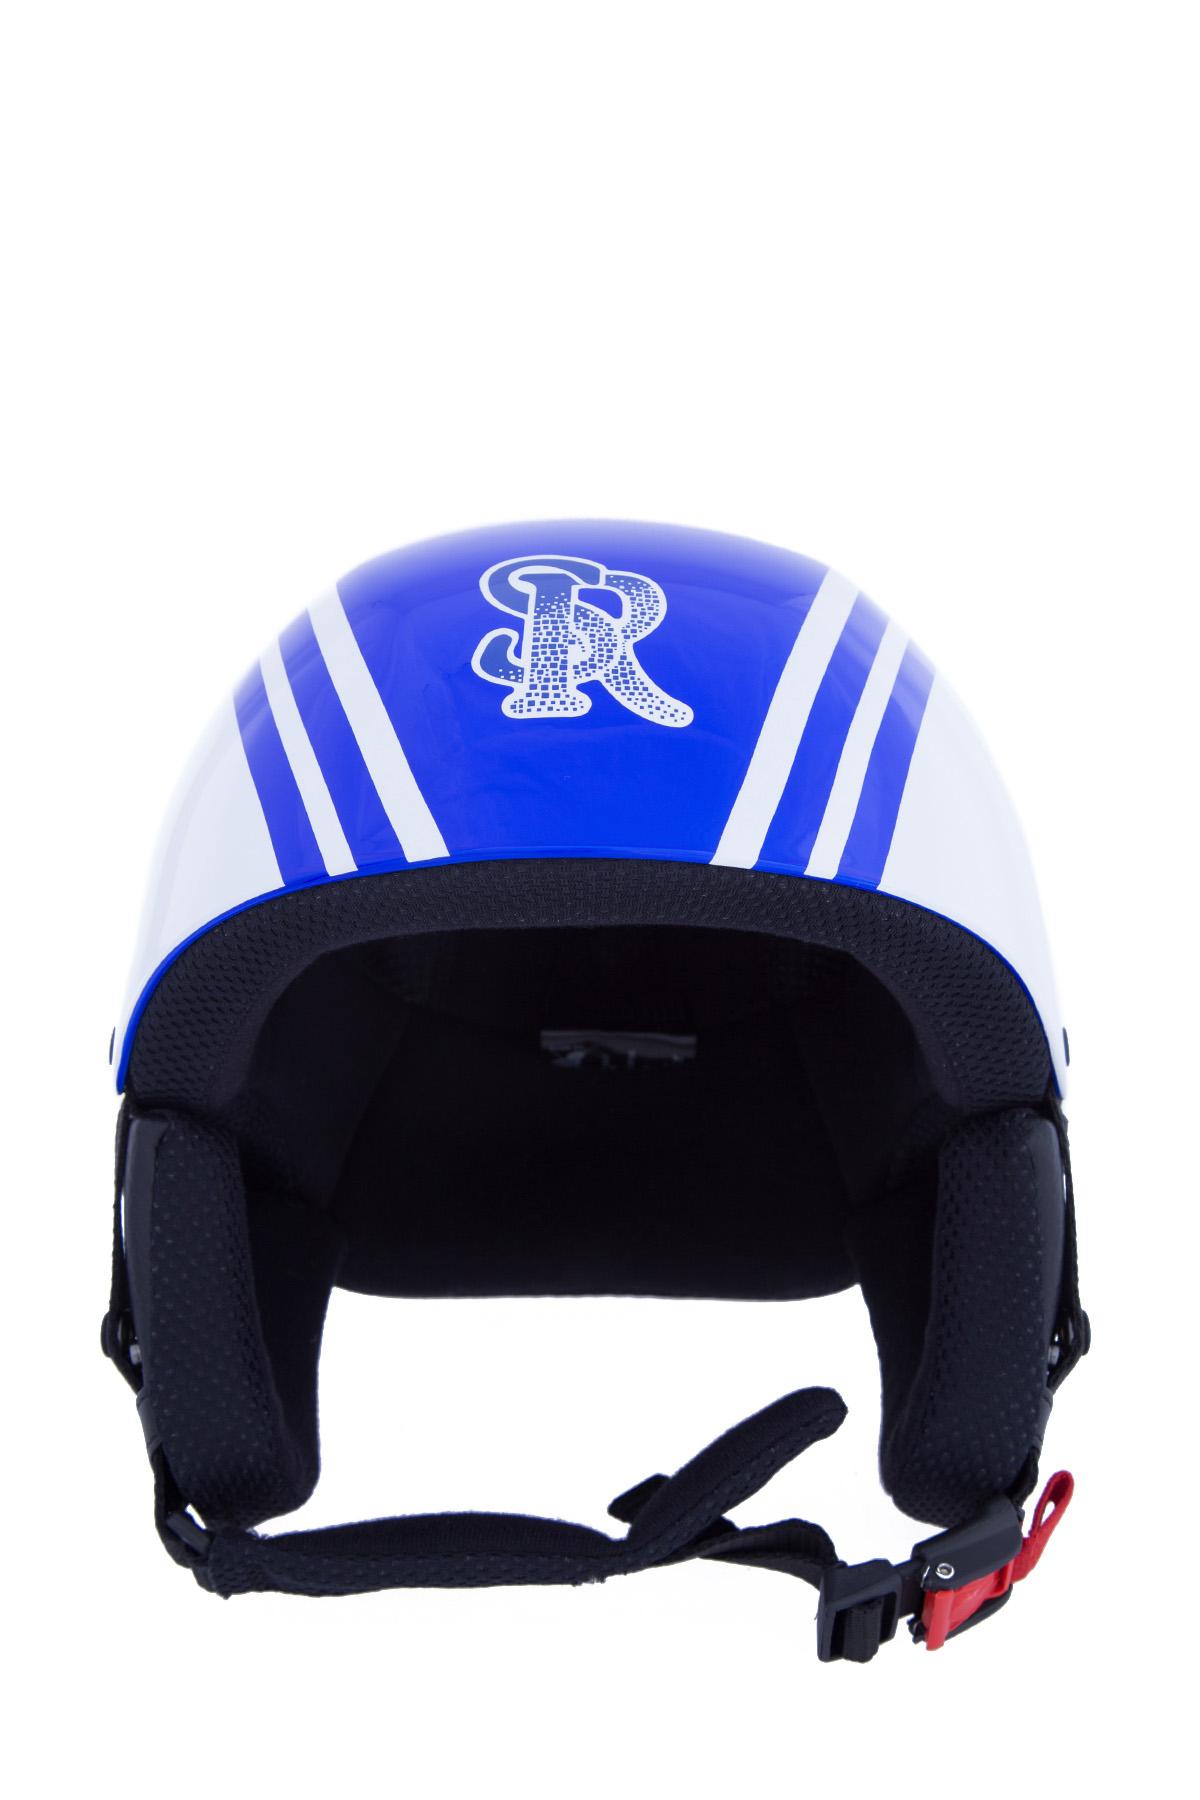 Купить Шлем, STEFANO RICCI, Италия, 100% полиамид